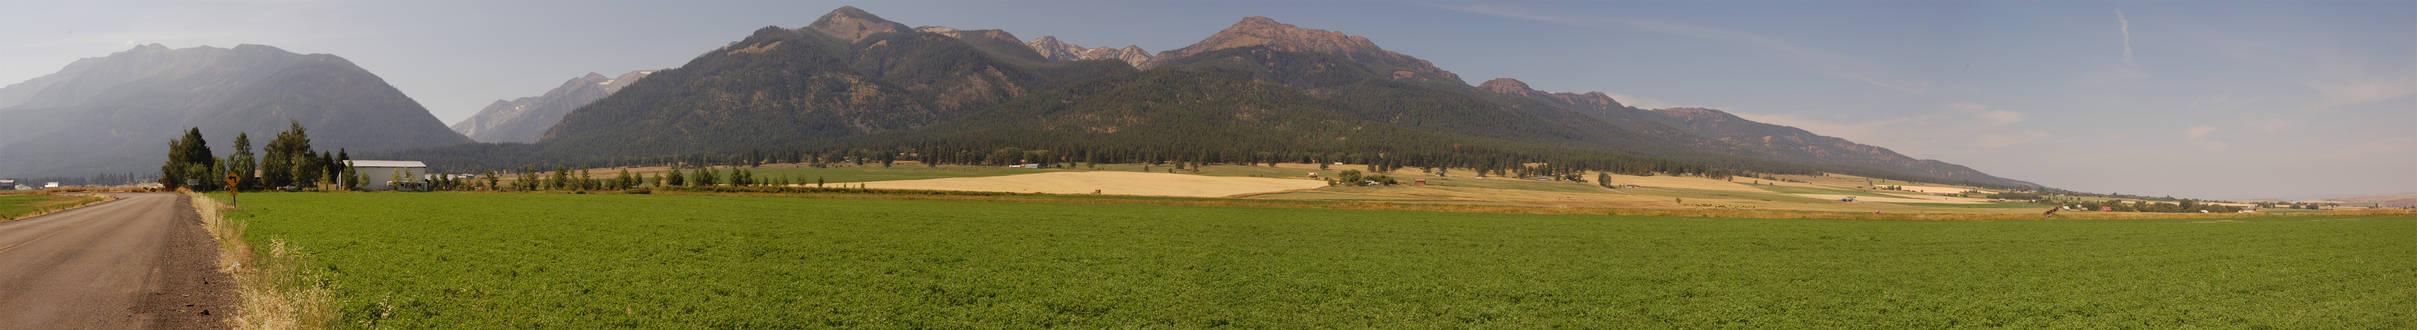 Joseph Farm 2006-08-26